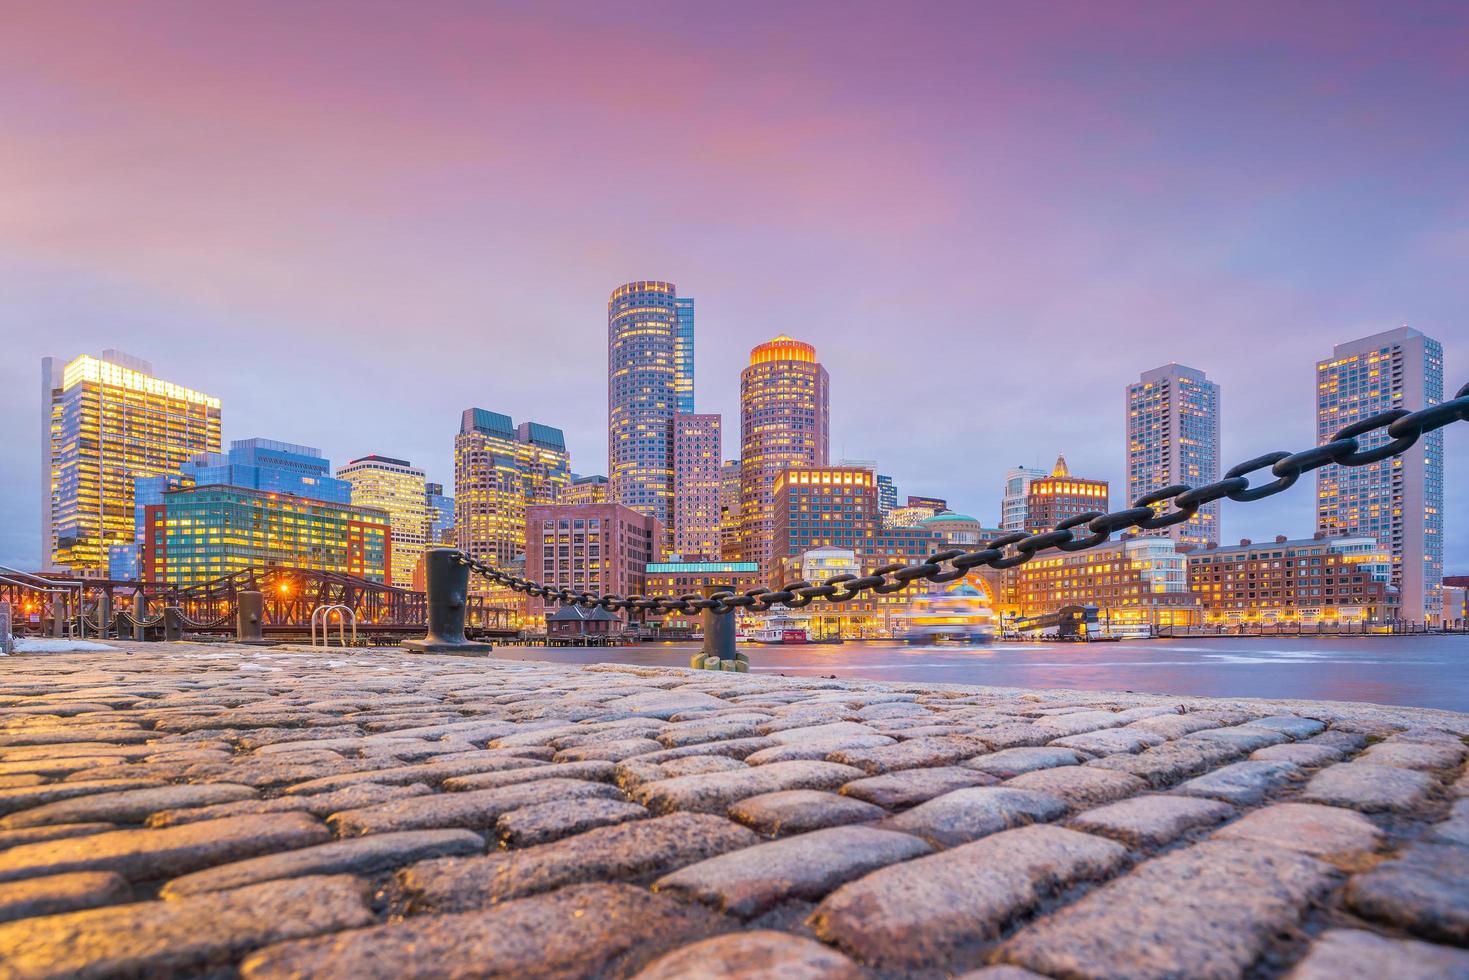 Le port de Boston et le quartier financier au crépuscule photo